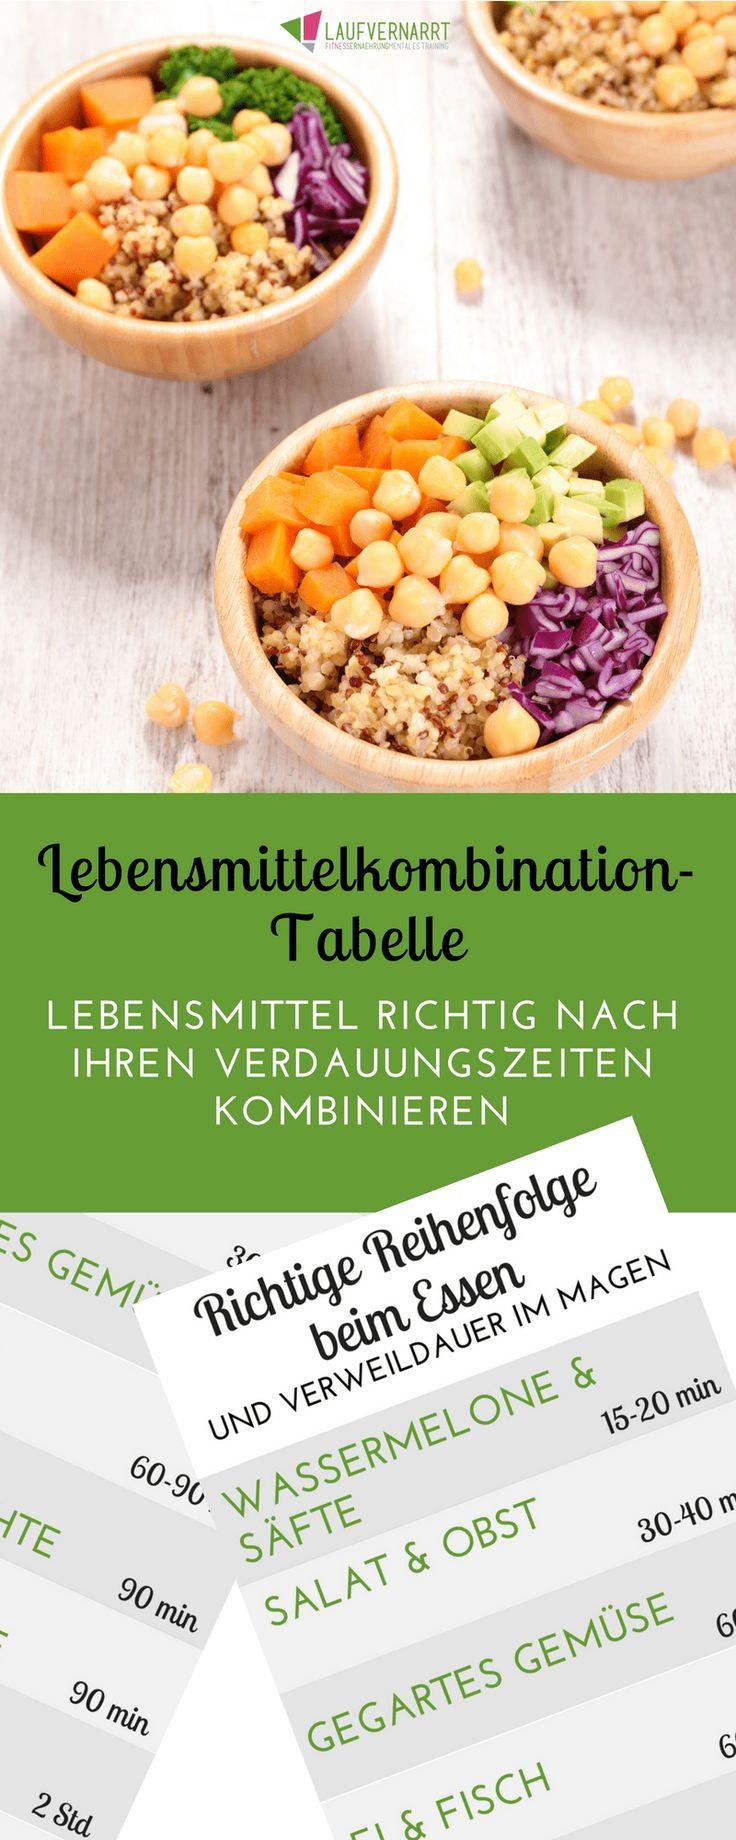 Lebensmittelkombinationstabelle – Lebensmittel richtig nach ihren Verdauungszeiten kombinieren